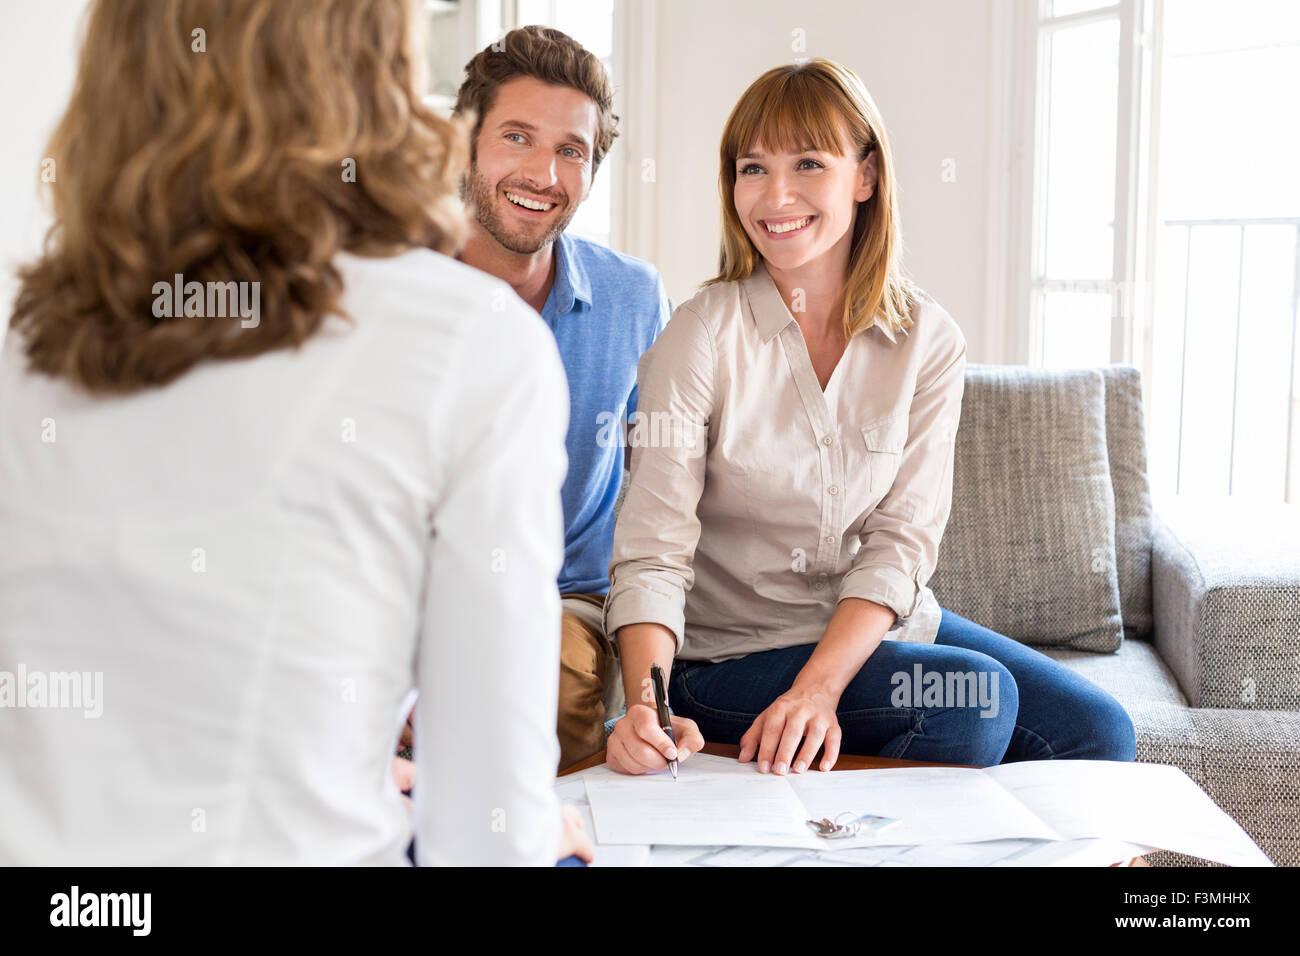 Coppia giovane proprietari incontro agente immobiliare per la casa degli investimenti. La firma di un contratto. Immagini Stock